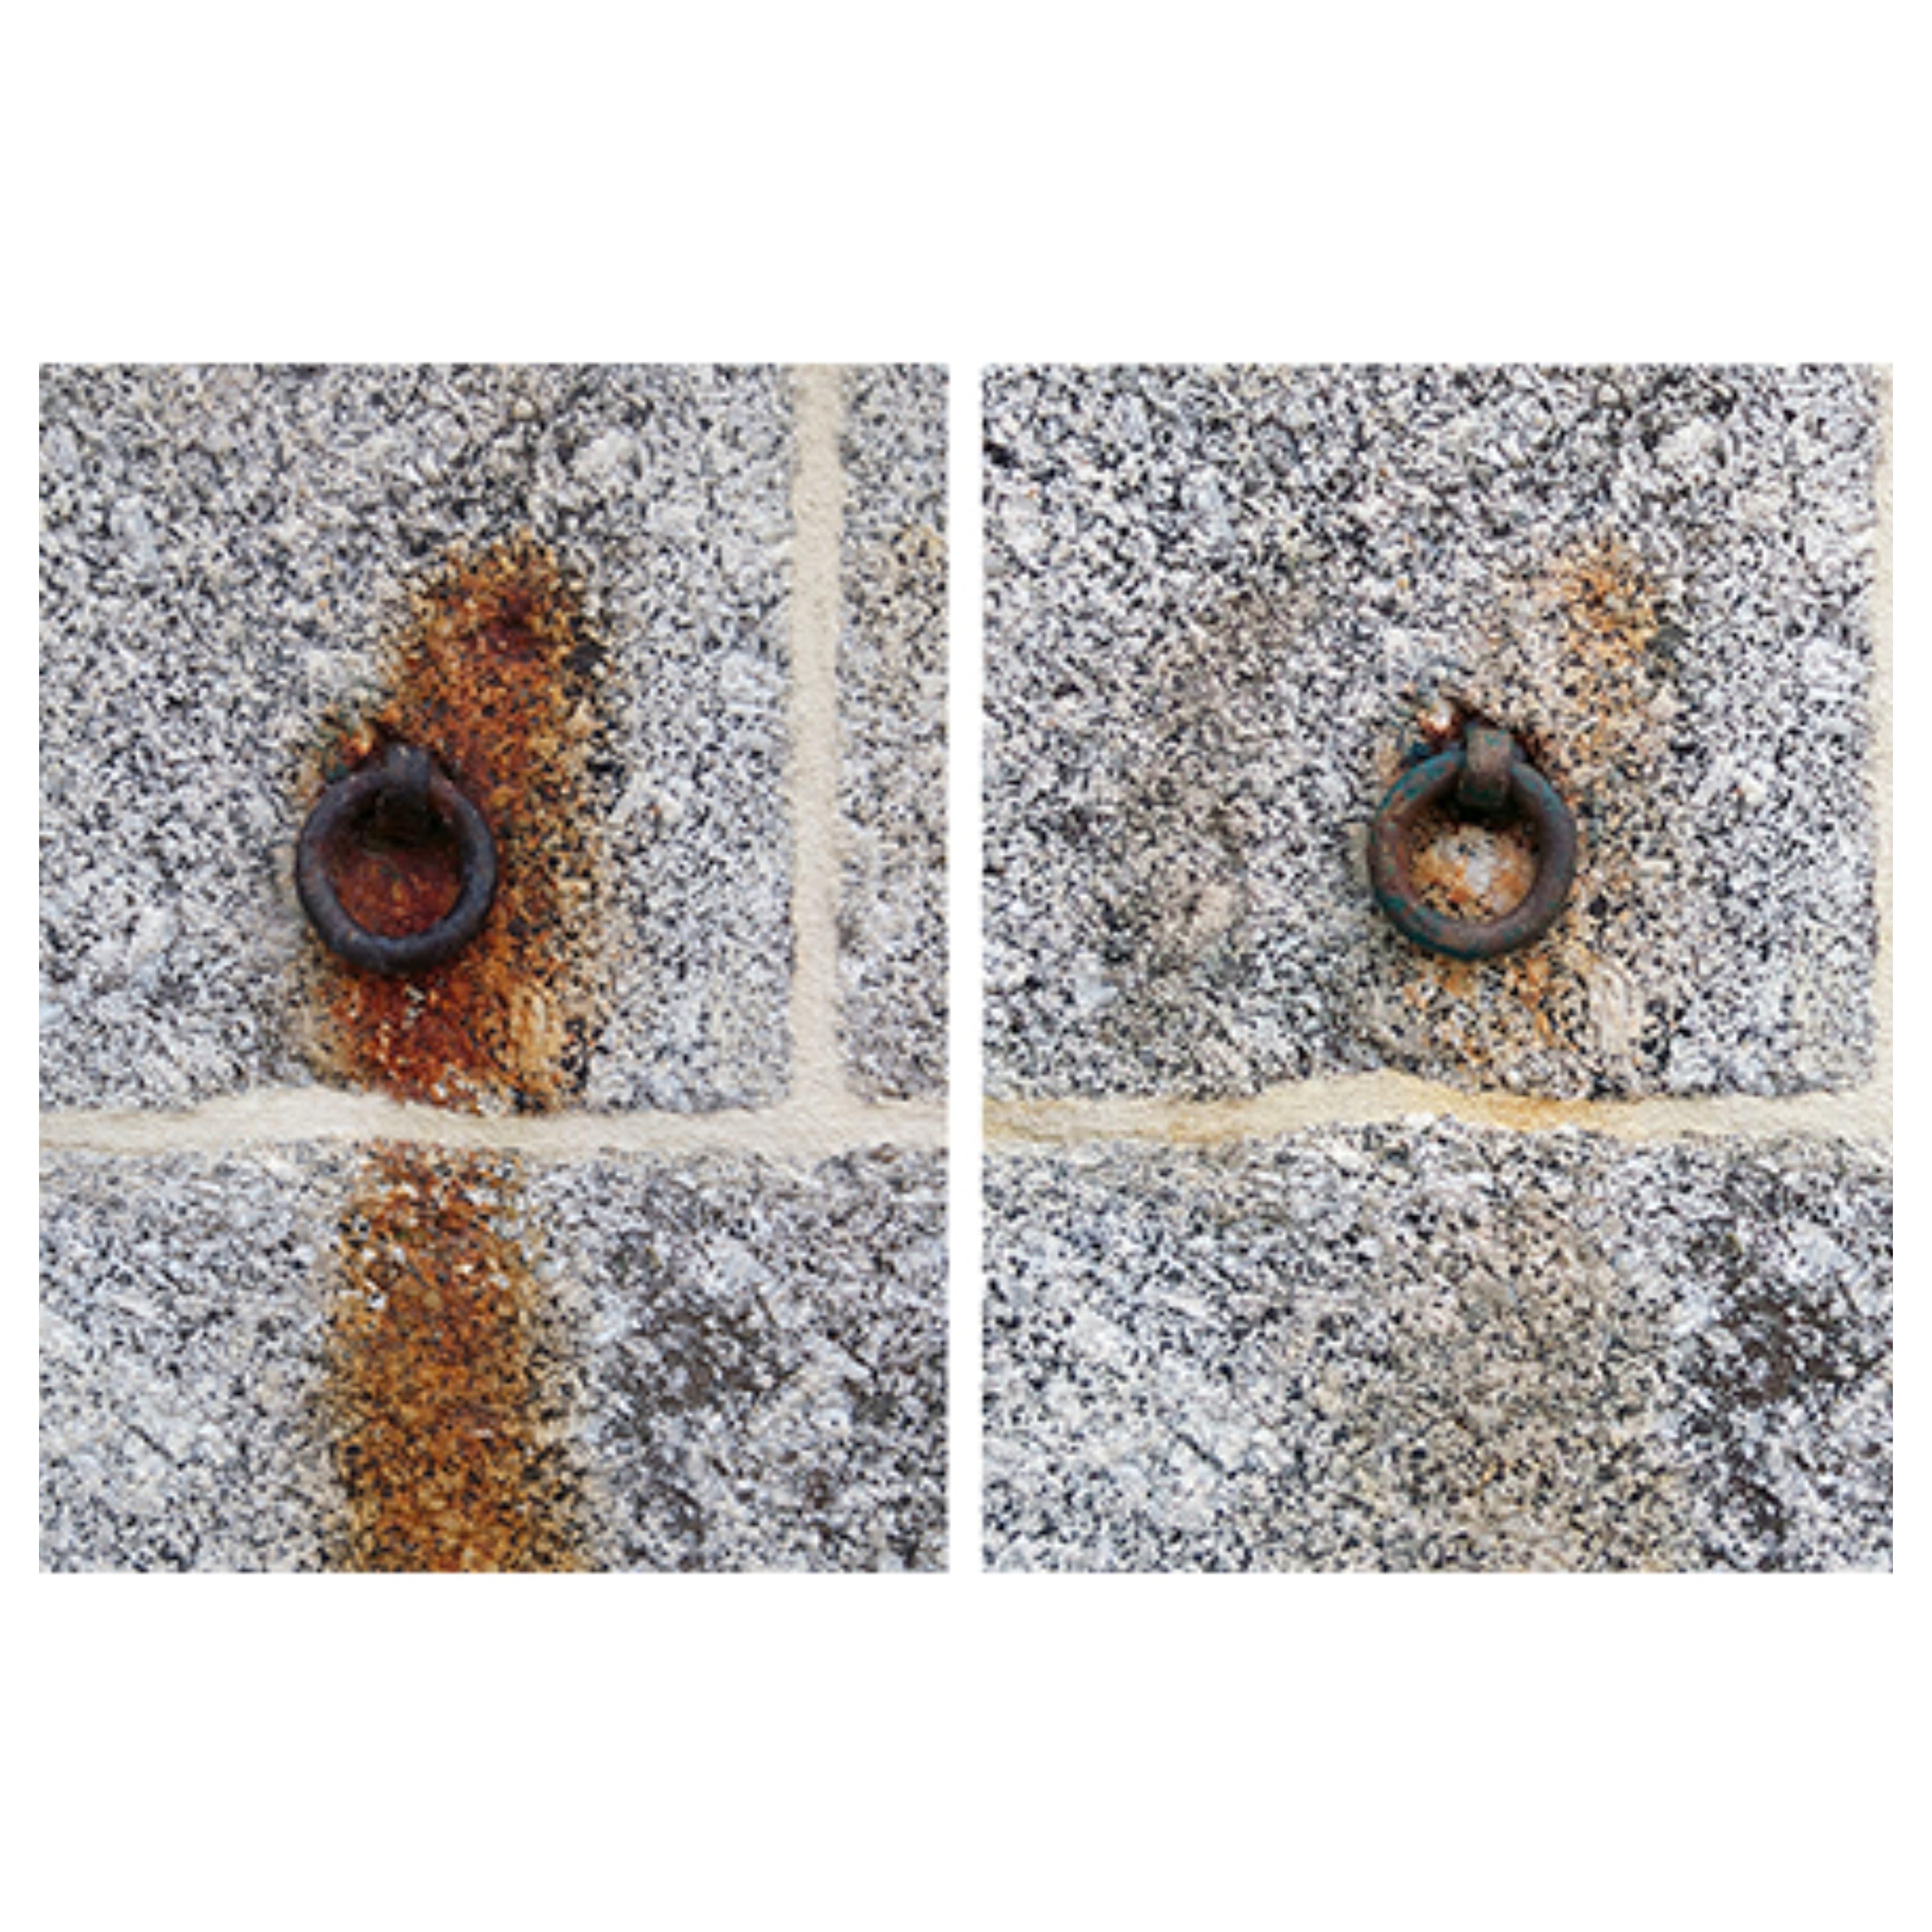 antes e depois - pedra